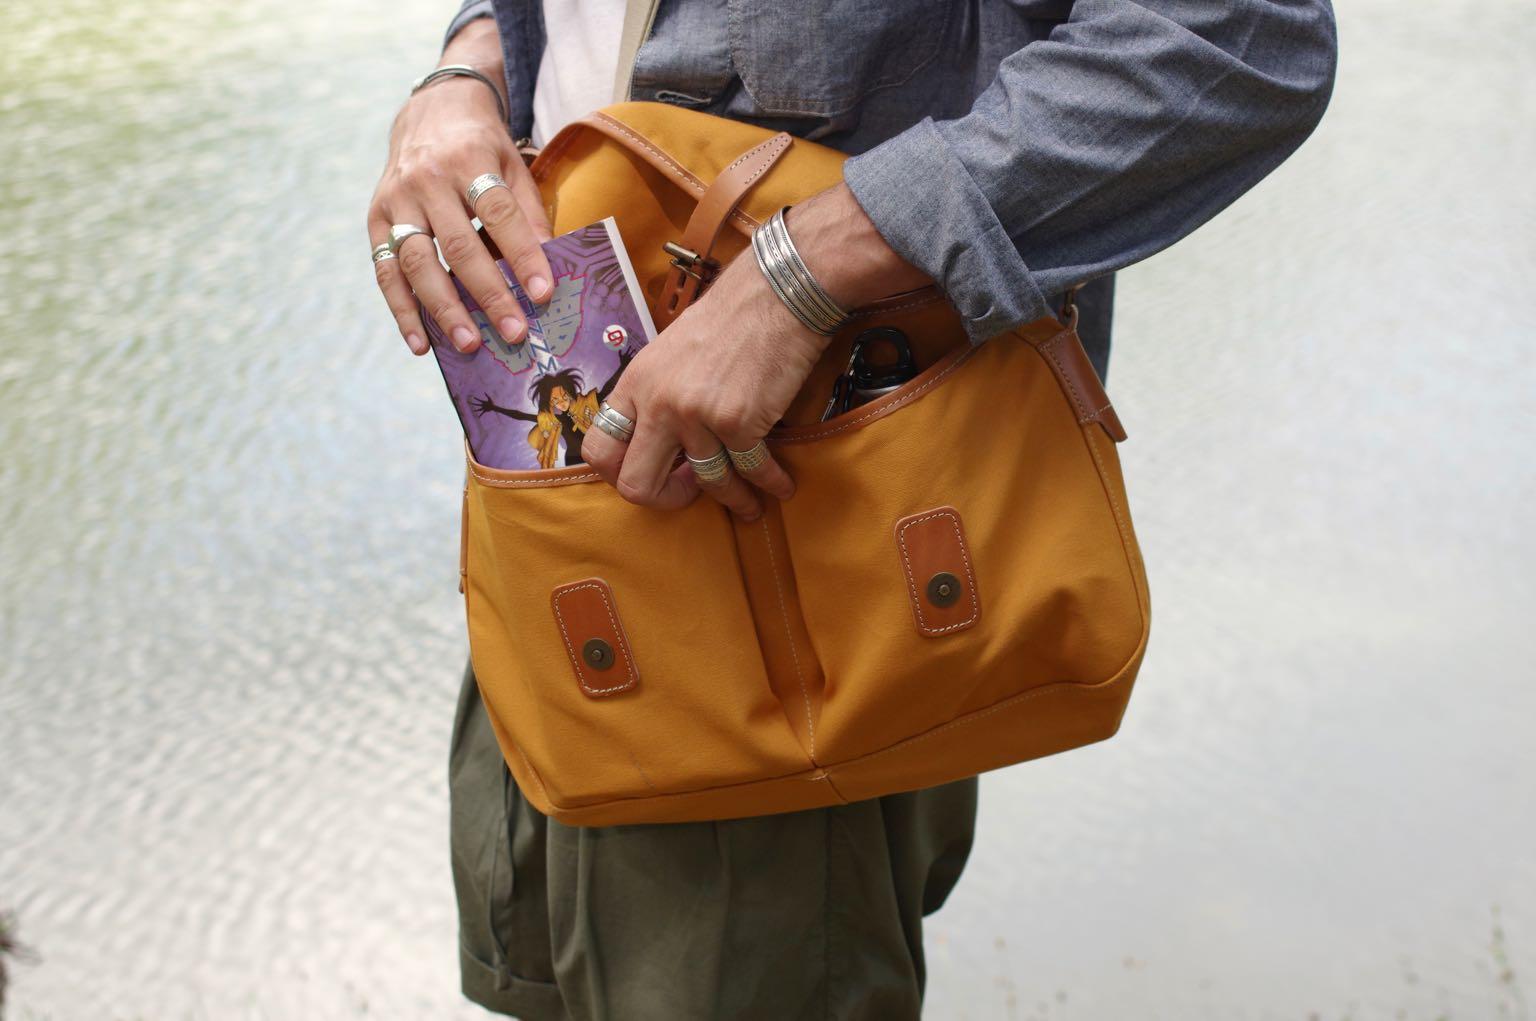 bleu de chauffe et sa musette du pêcheur - ide sac workwear heritage homme